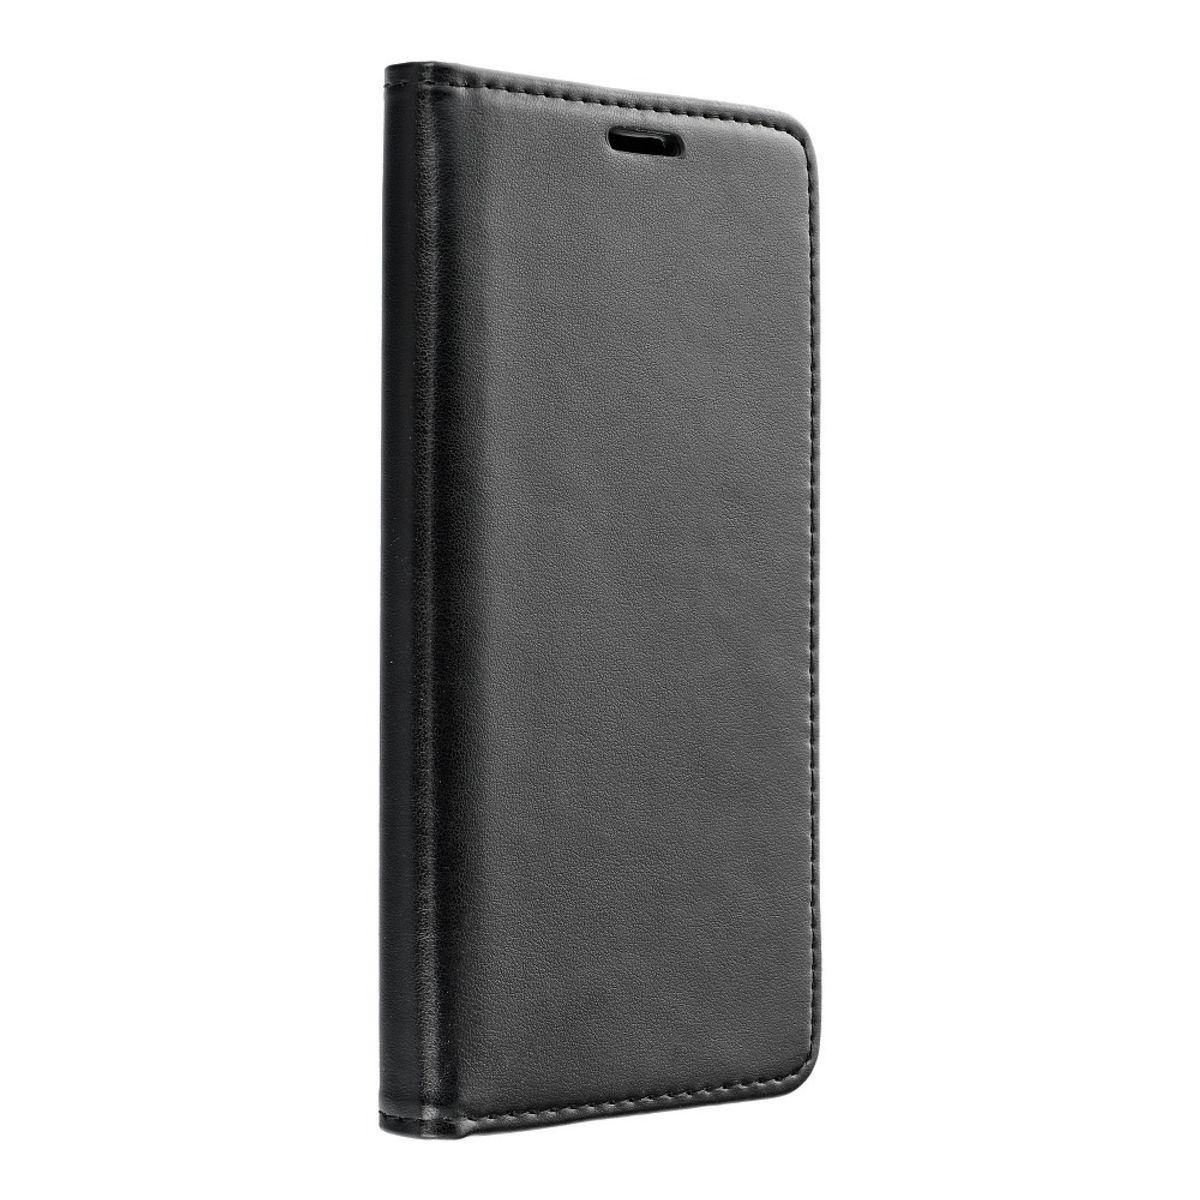 Samsung Galaxy A22 5G Handyhülle Schutztasche Wallet Cover 360 Case Etuis Schwarz